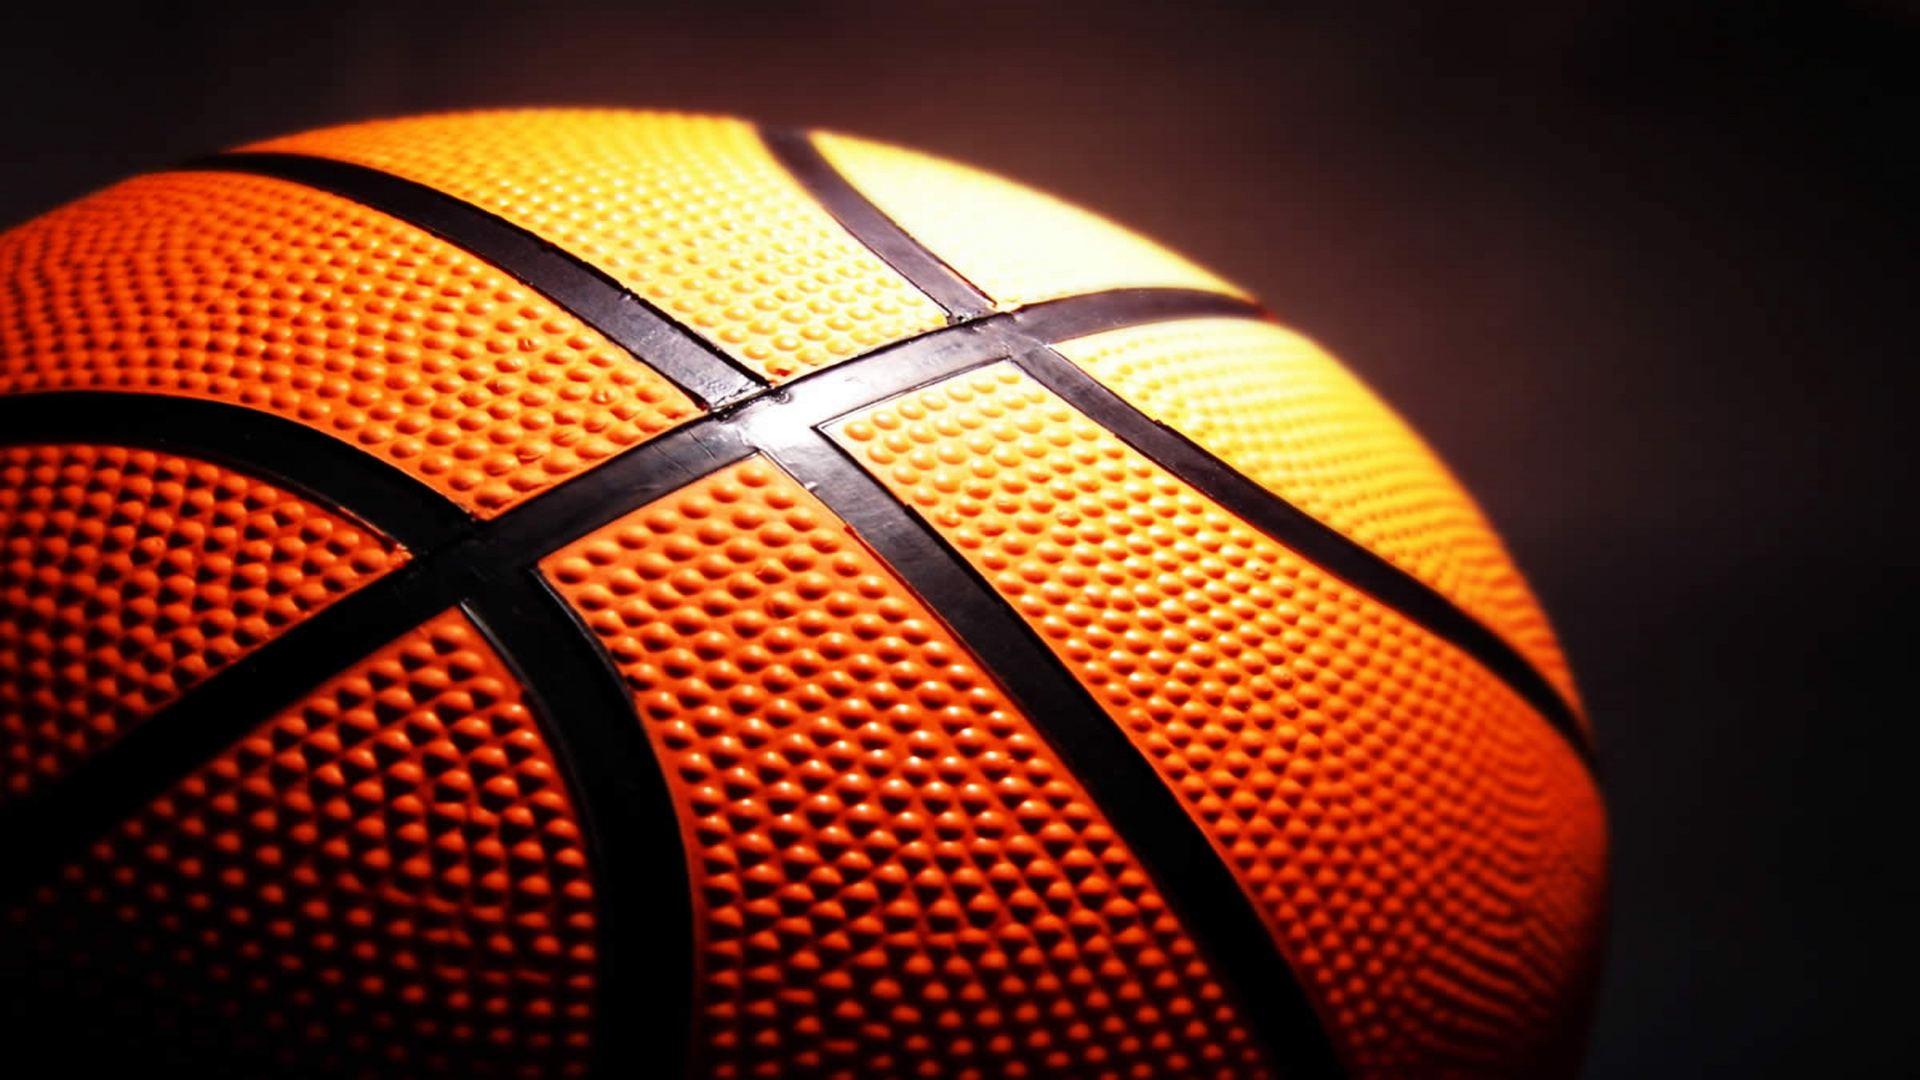 NBA-Basketball-Desktop-Wallpaper-03